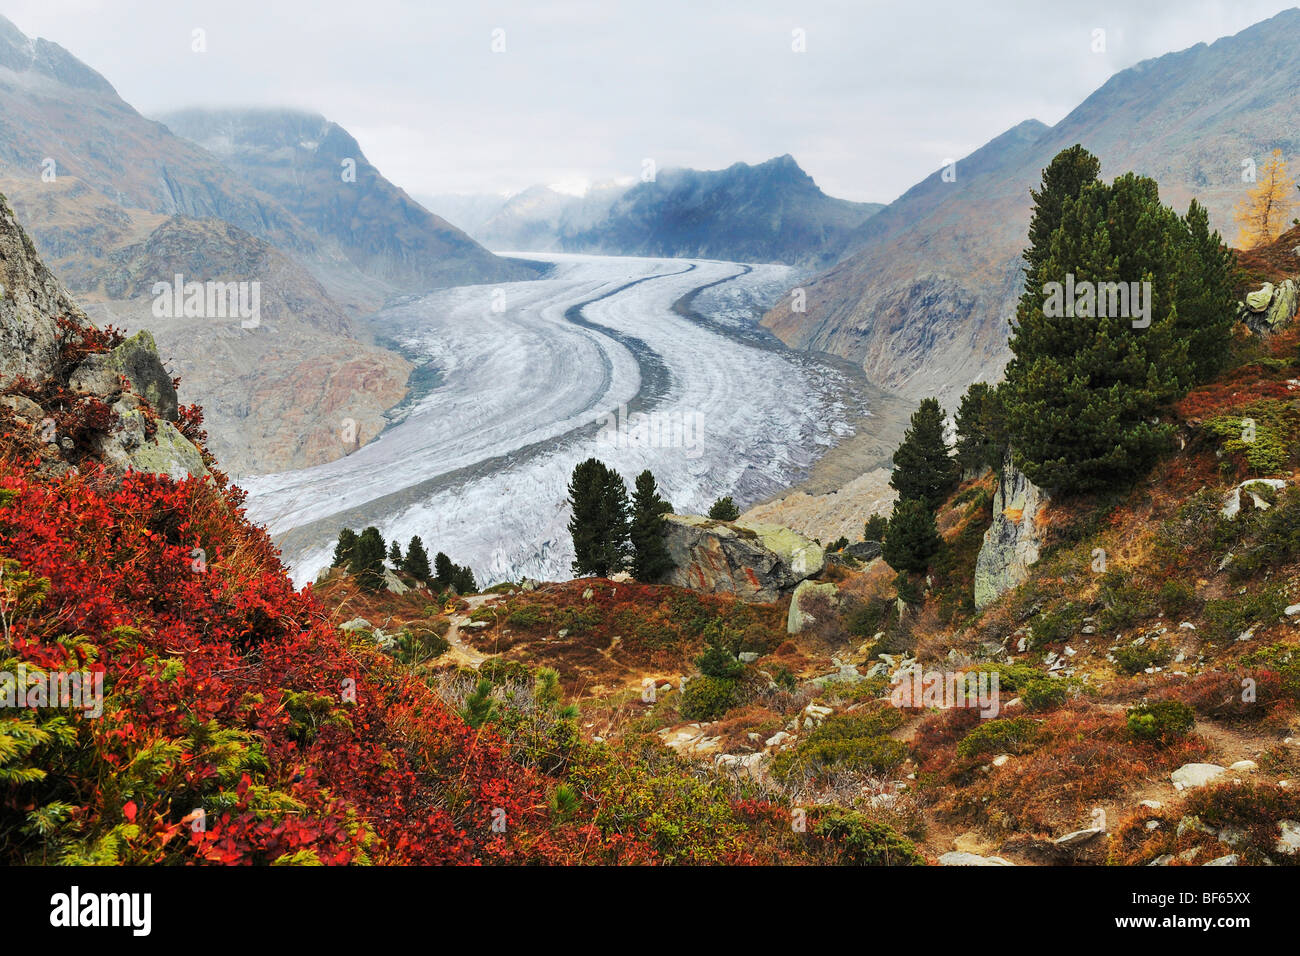 Aletsch Glacier, UNESCO World Heritage Site Jungfrau-Aletsch-Bietschhorn, Goms, Valais, Switzerland, Europe - Stock Image